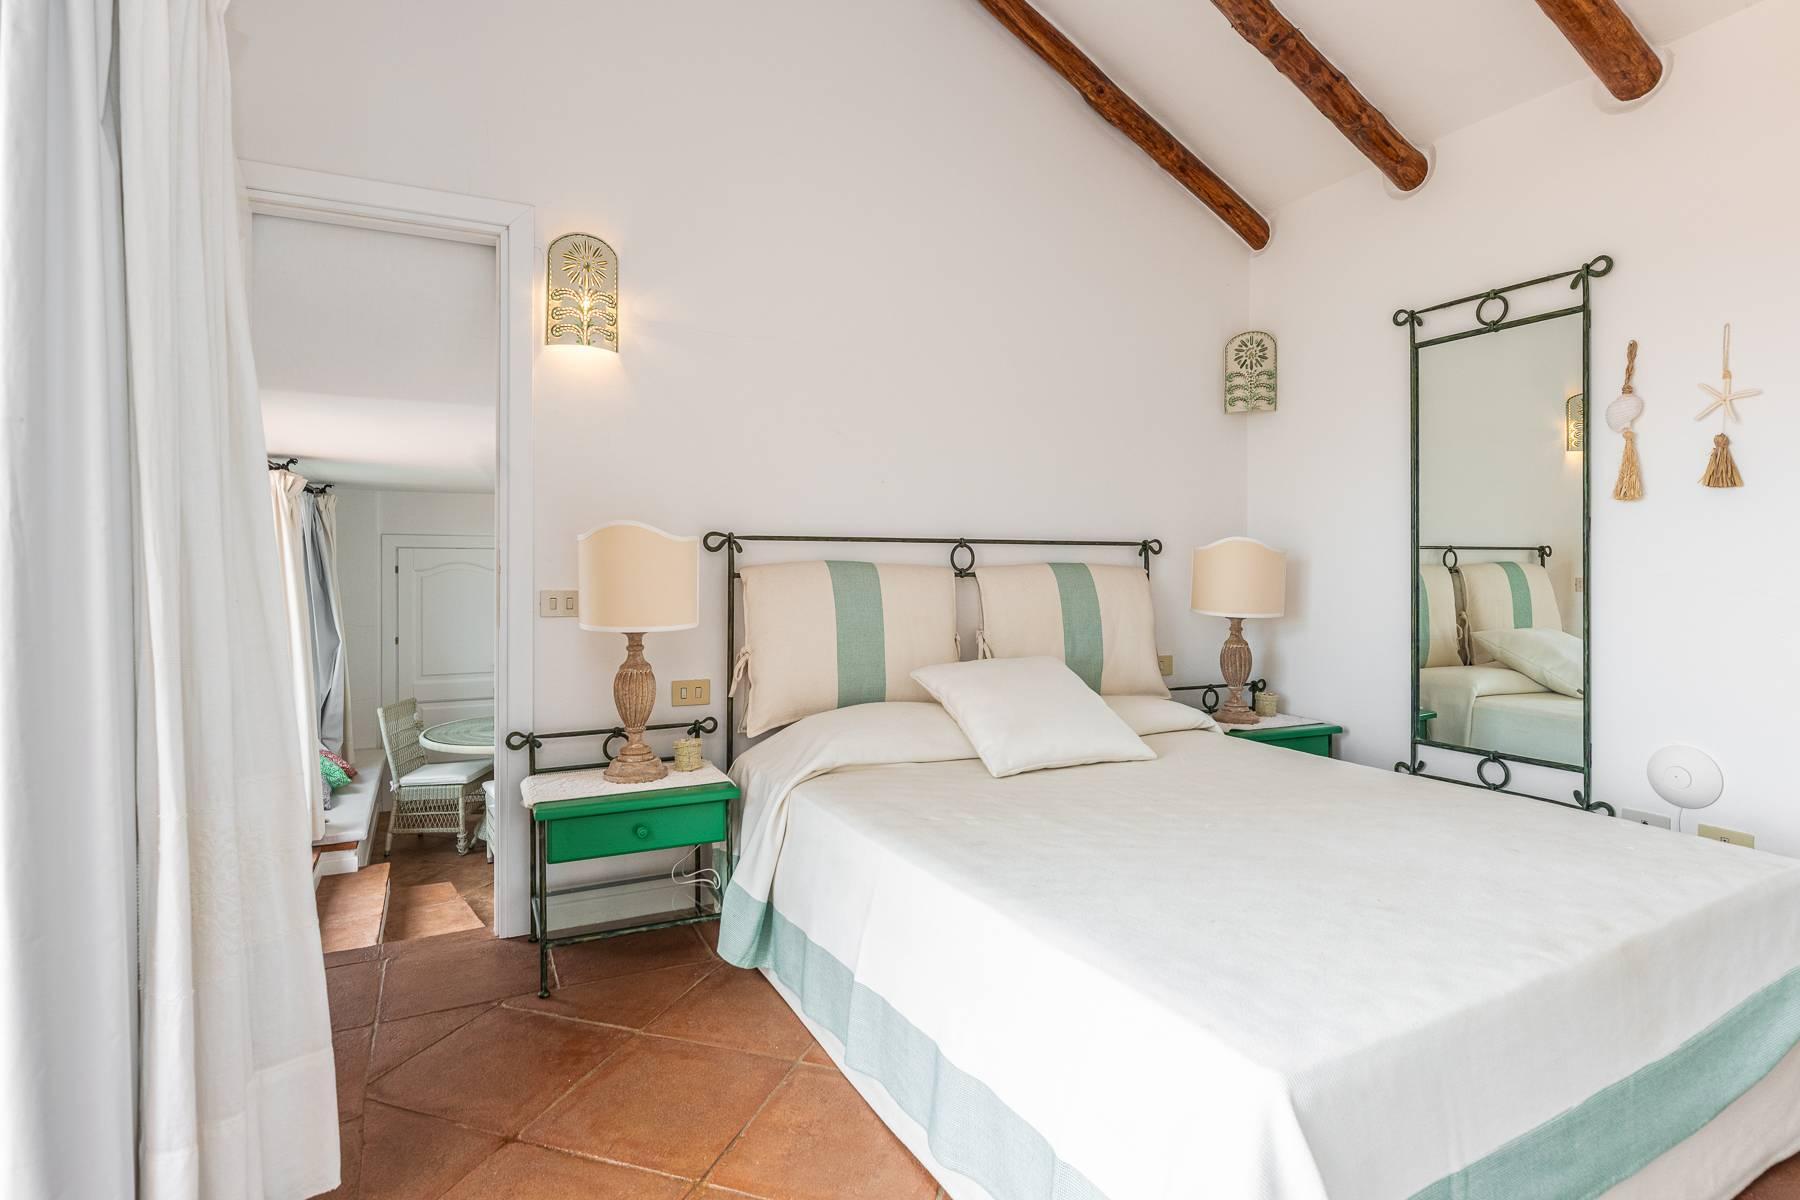 Importante villa indipendente con un impareggiabile panorama, nel cuore di Porto Cervo. - 15